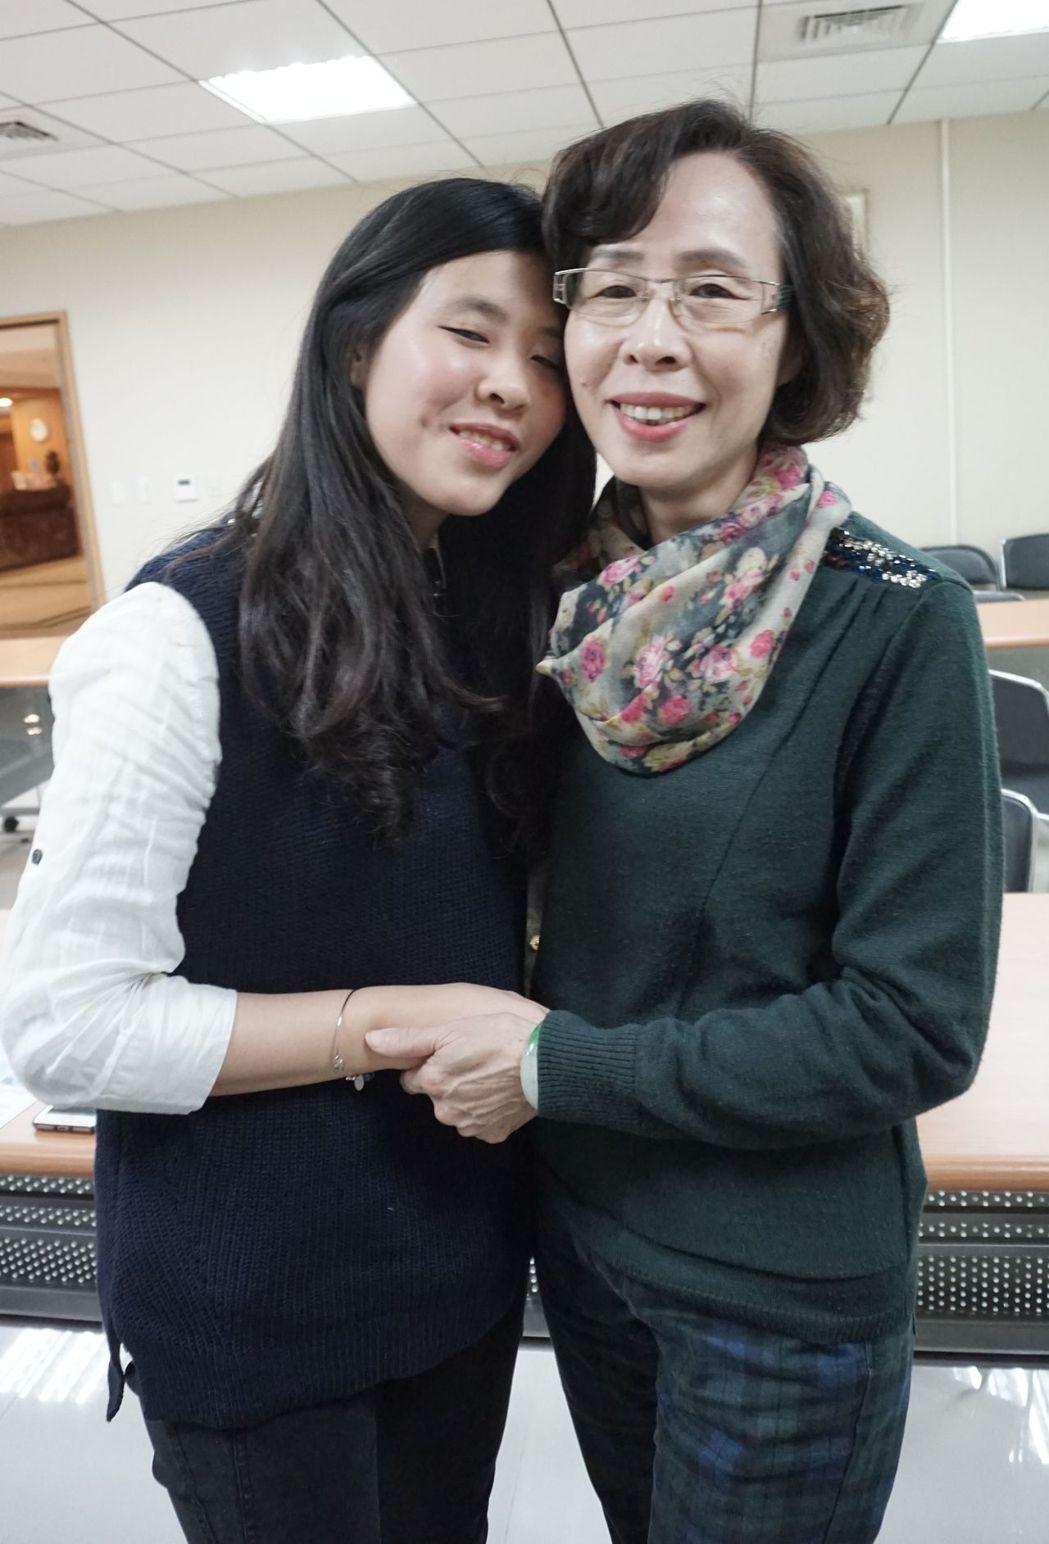 李姓婦人(右)紅著眼眶抱女兒說「當媽媽的感覺真的很好!」記者趙容萱/攝影